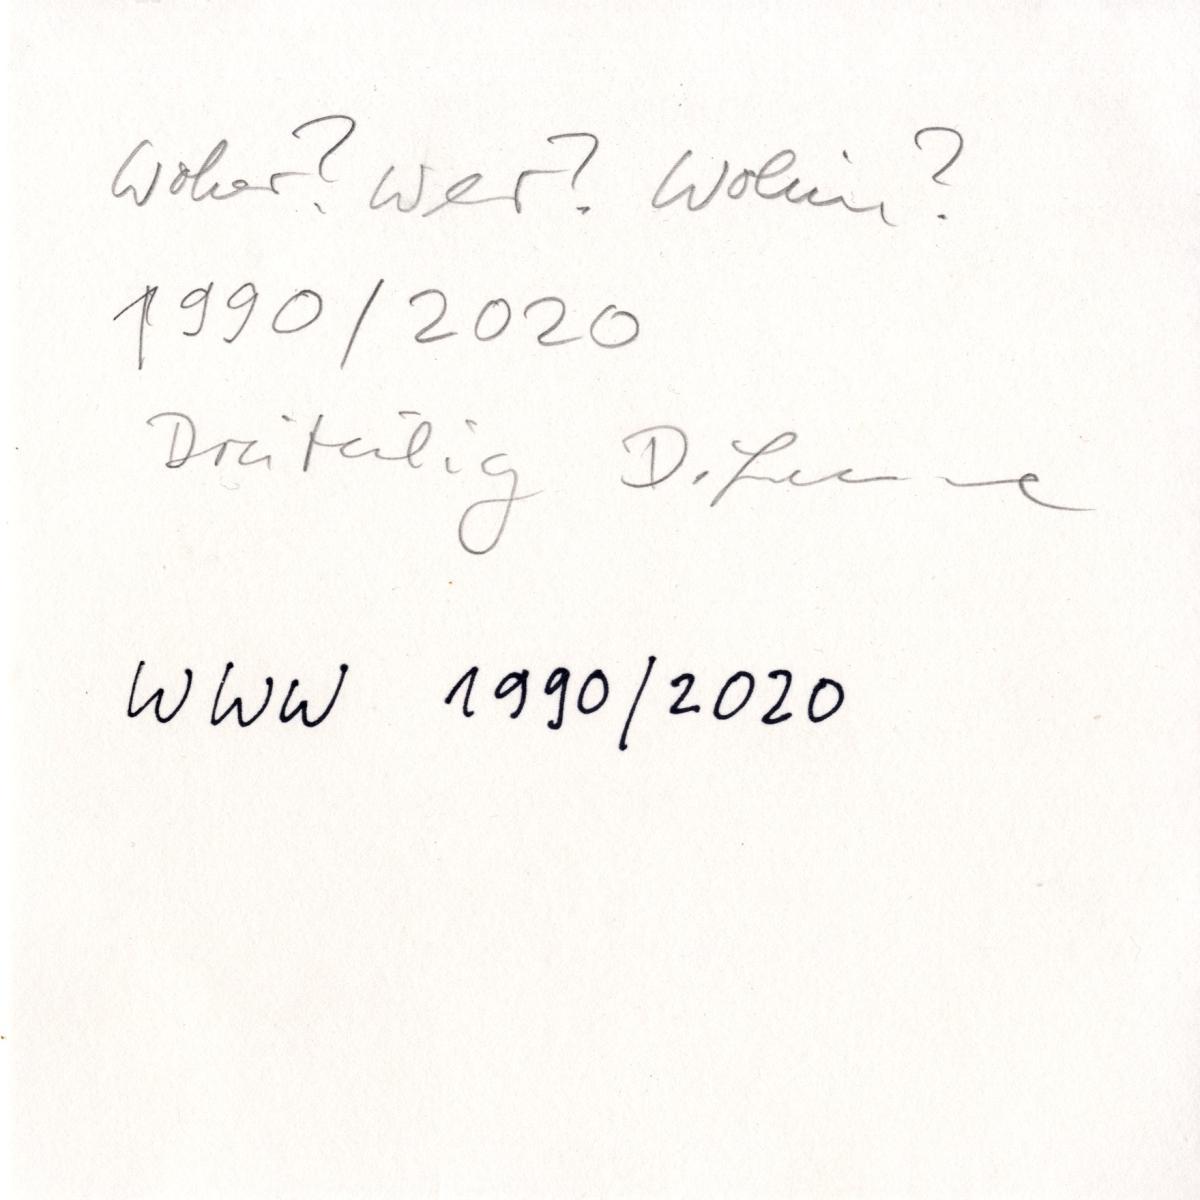 cdia_200927